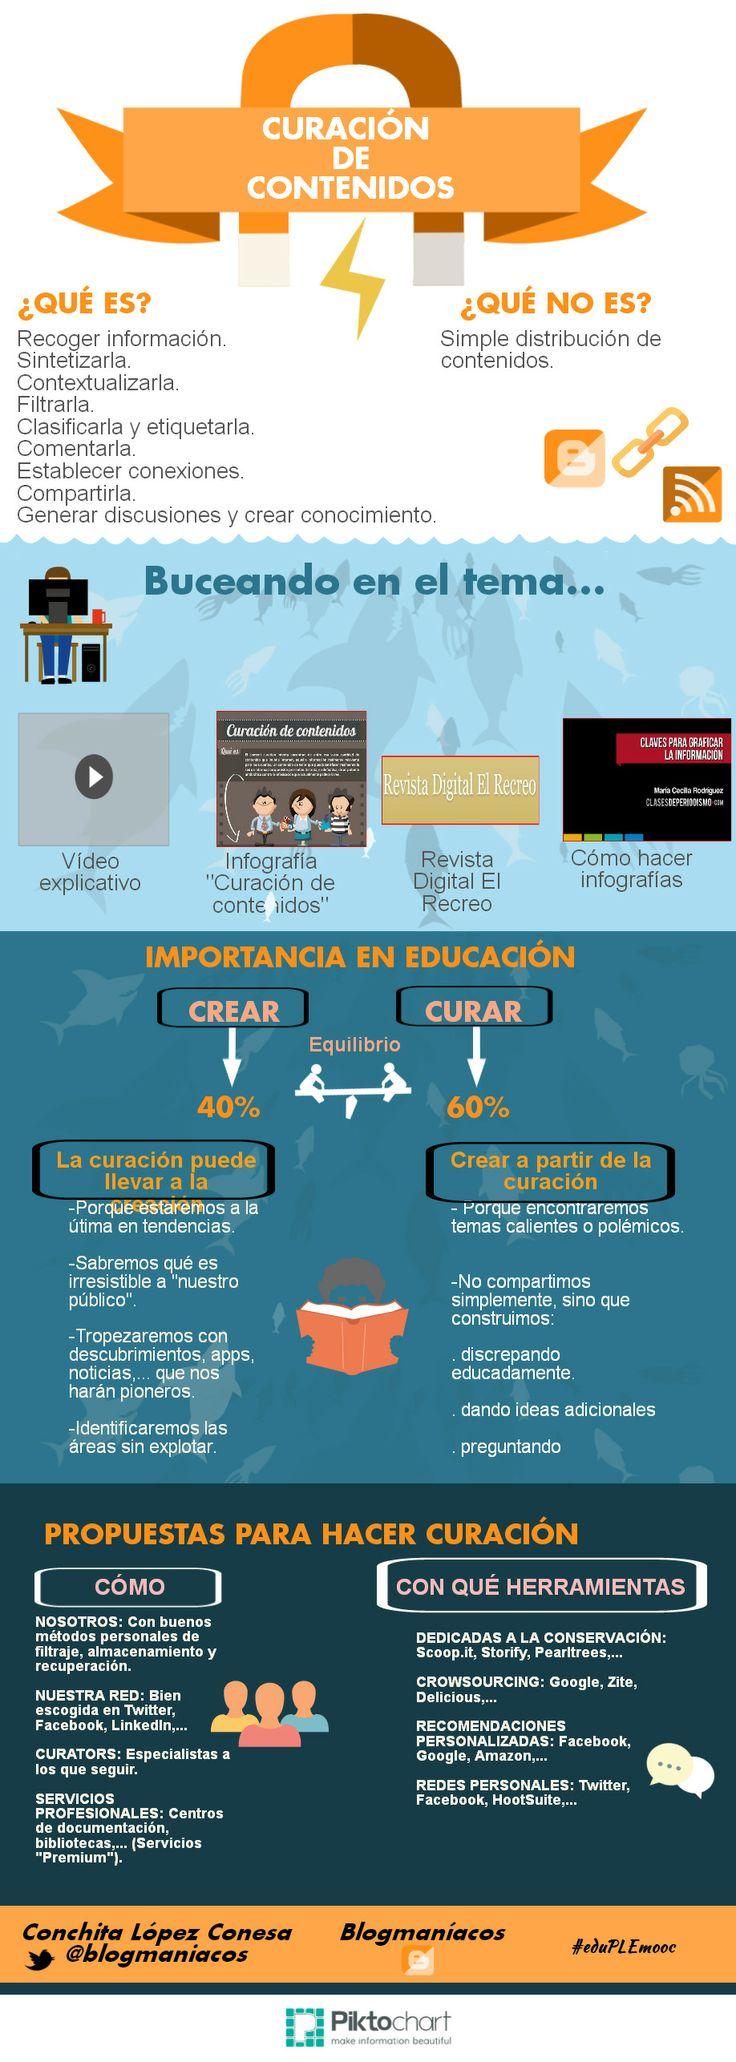 Curación de contenidos http://moocmaniacos.blogspot.com.es/2014/02/curacion-de-contenidos-unidad-5-mi.html